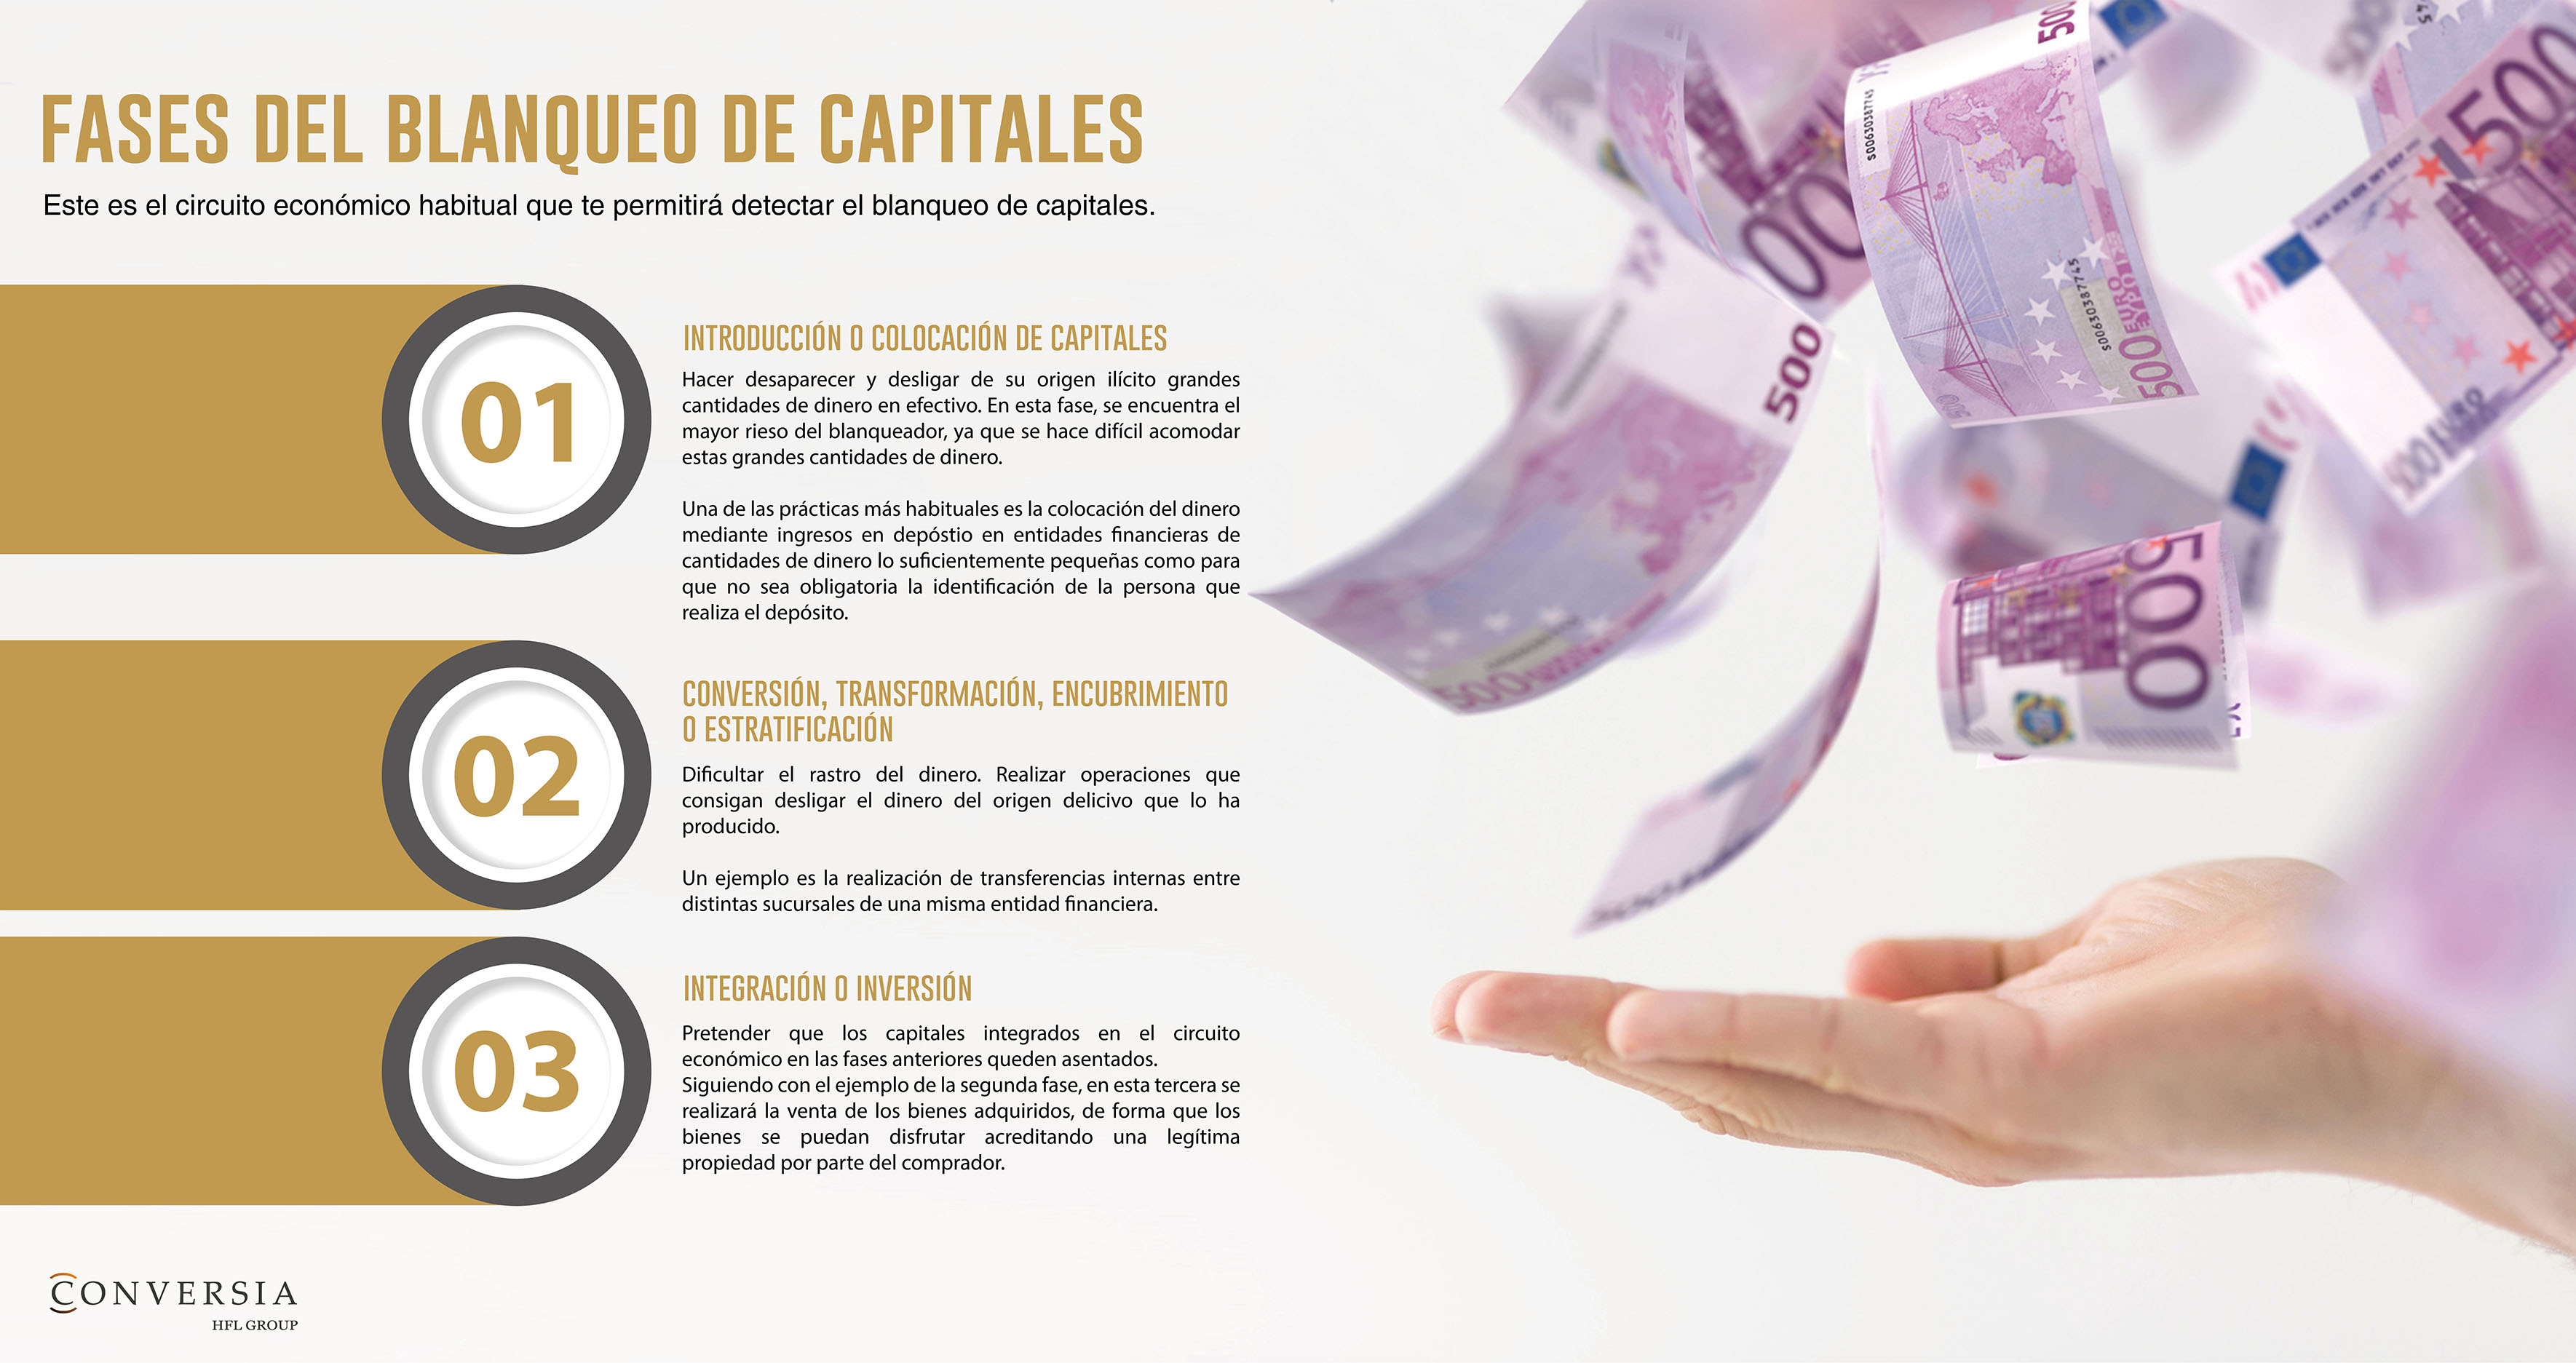 infografia-conversia-fases-blanqueo-de-capitales